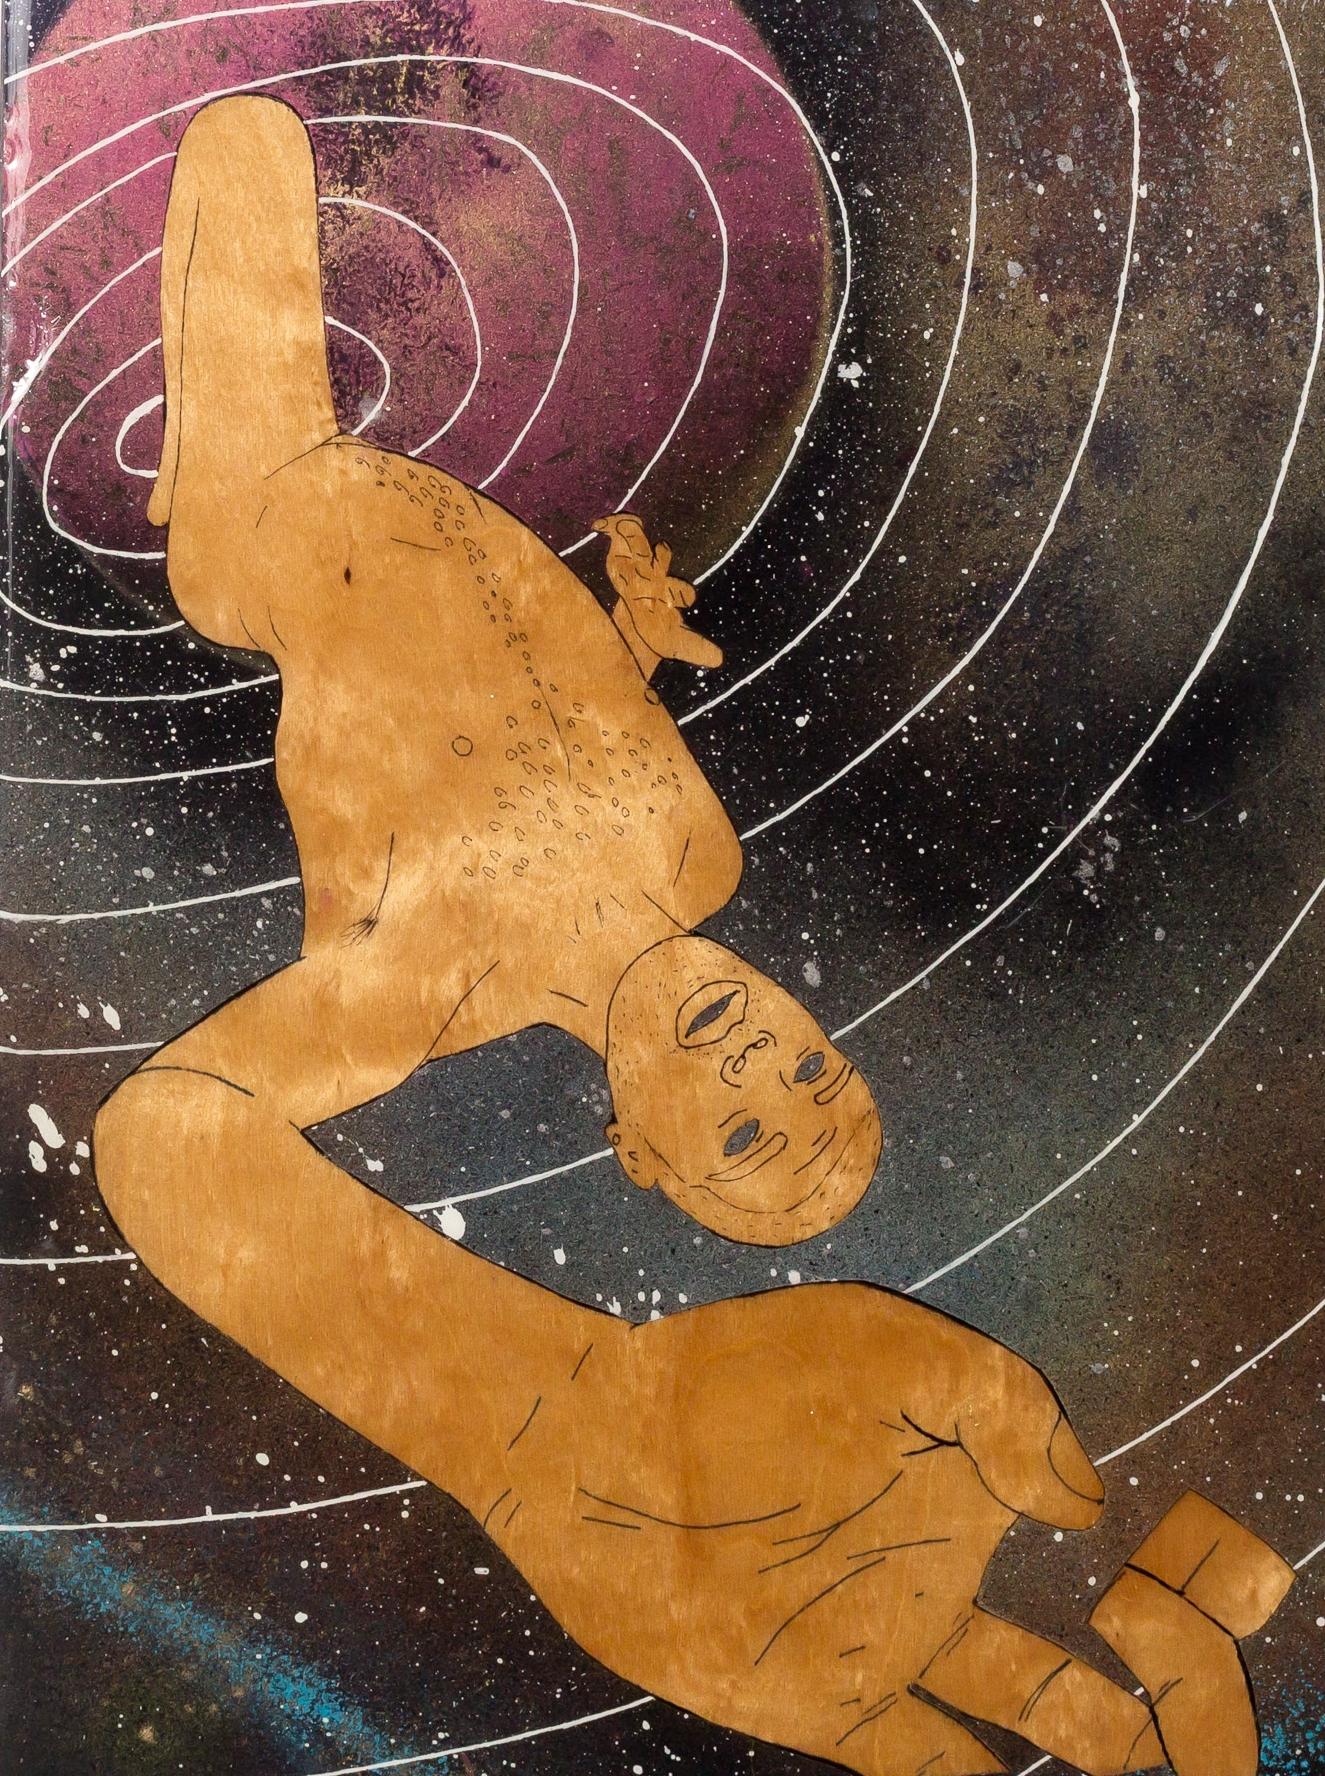 Jahfre in space - 12x16 on wood w resin  $320.jpg